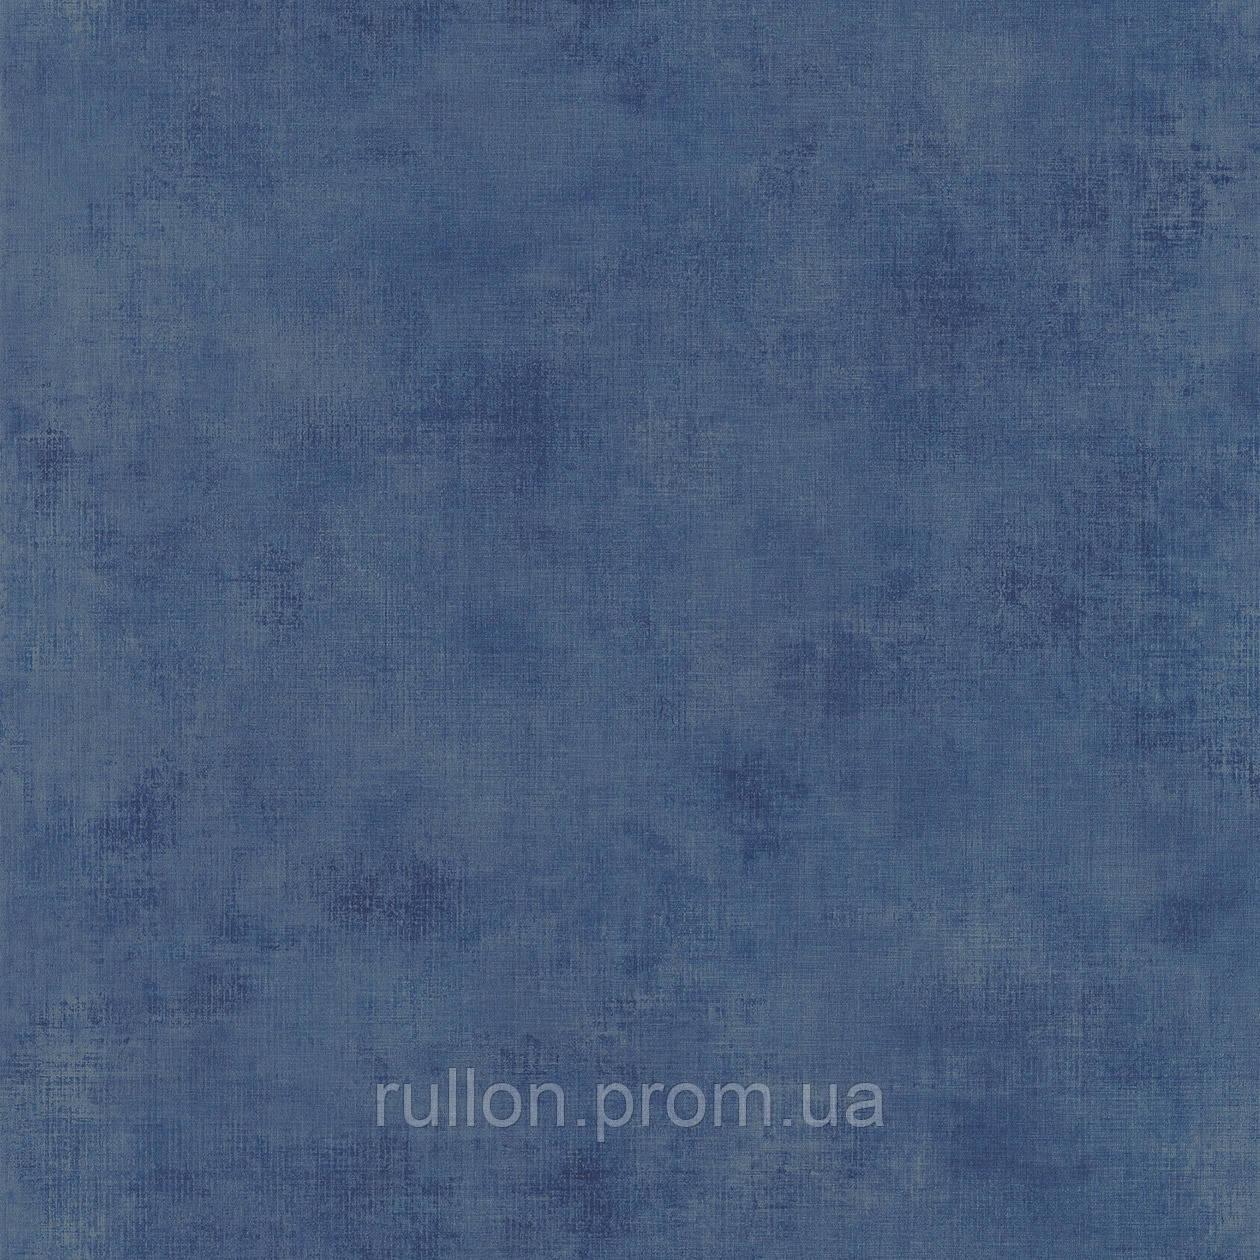 Обои Caselio TELAS 69876867 (Флизелиновые, темно-синие)